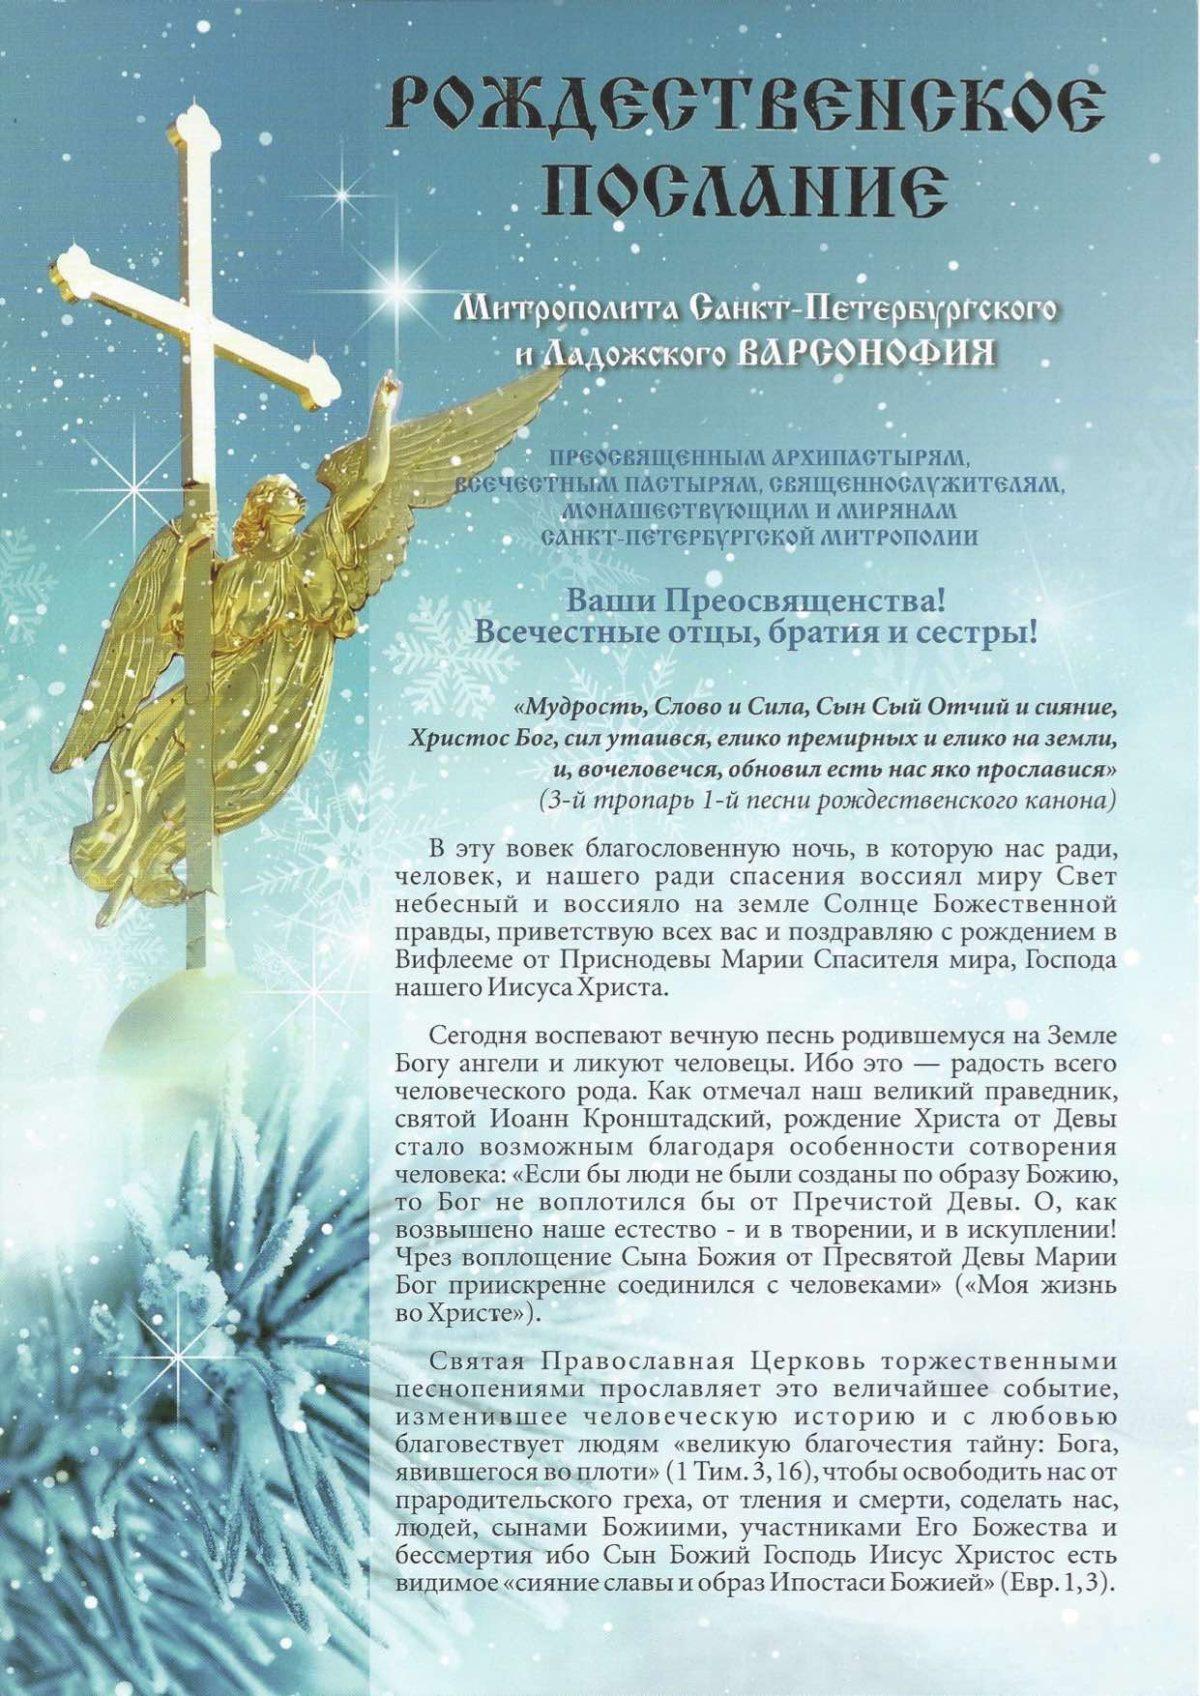 Поздравления епископу Лукиану с Днем тезоименитства 23